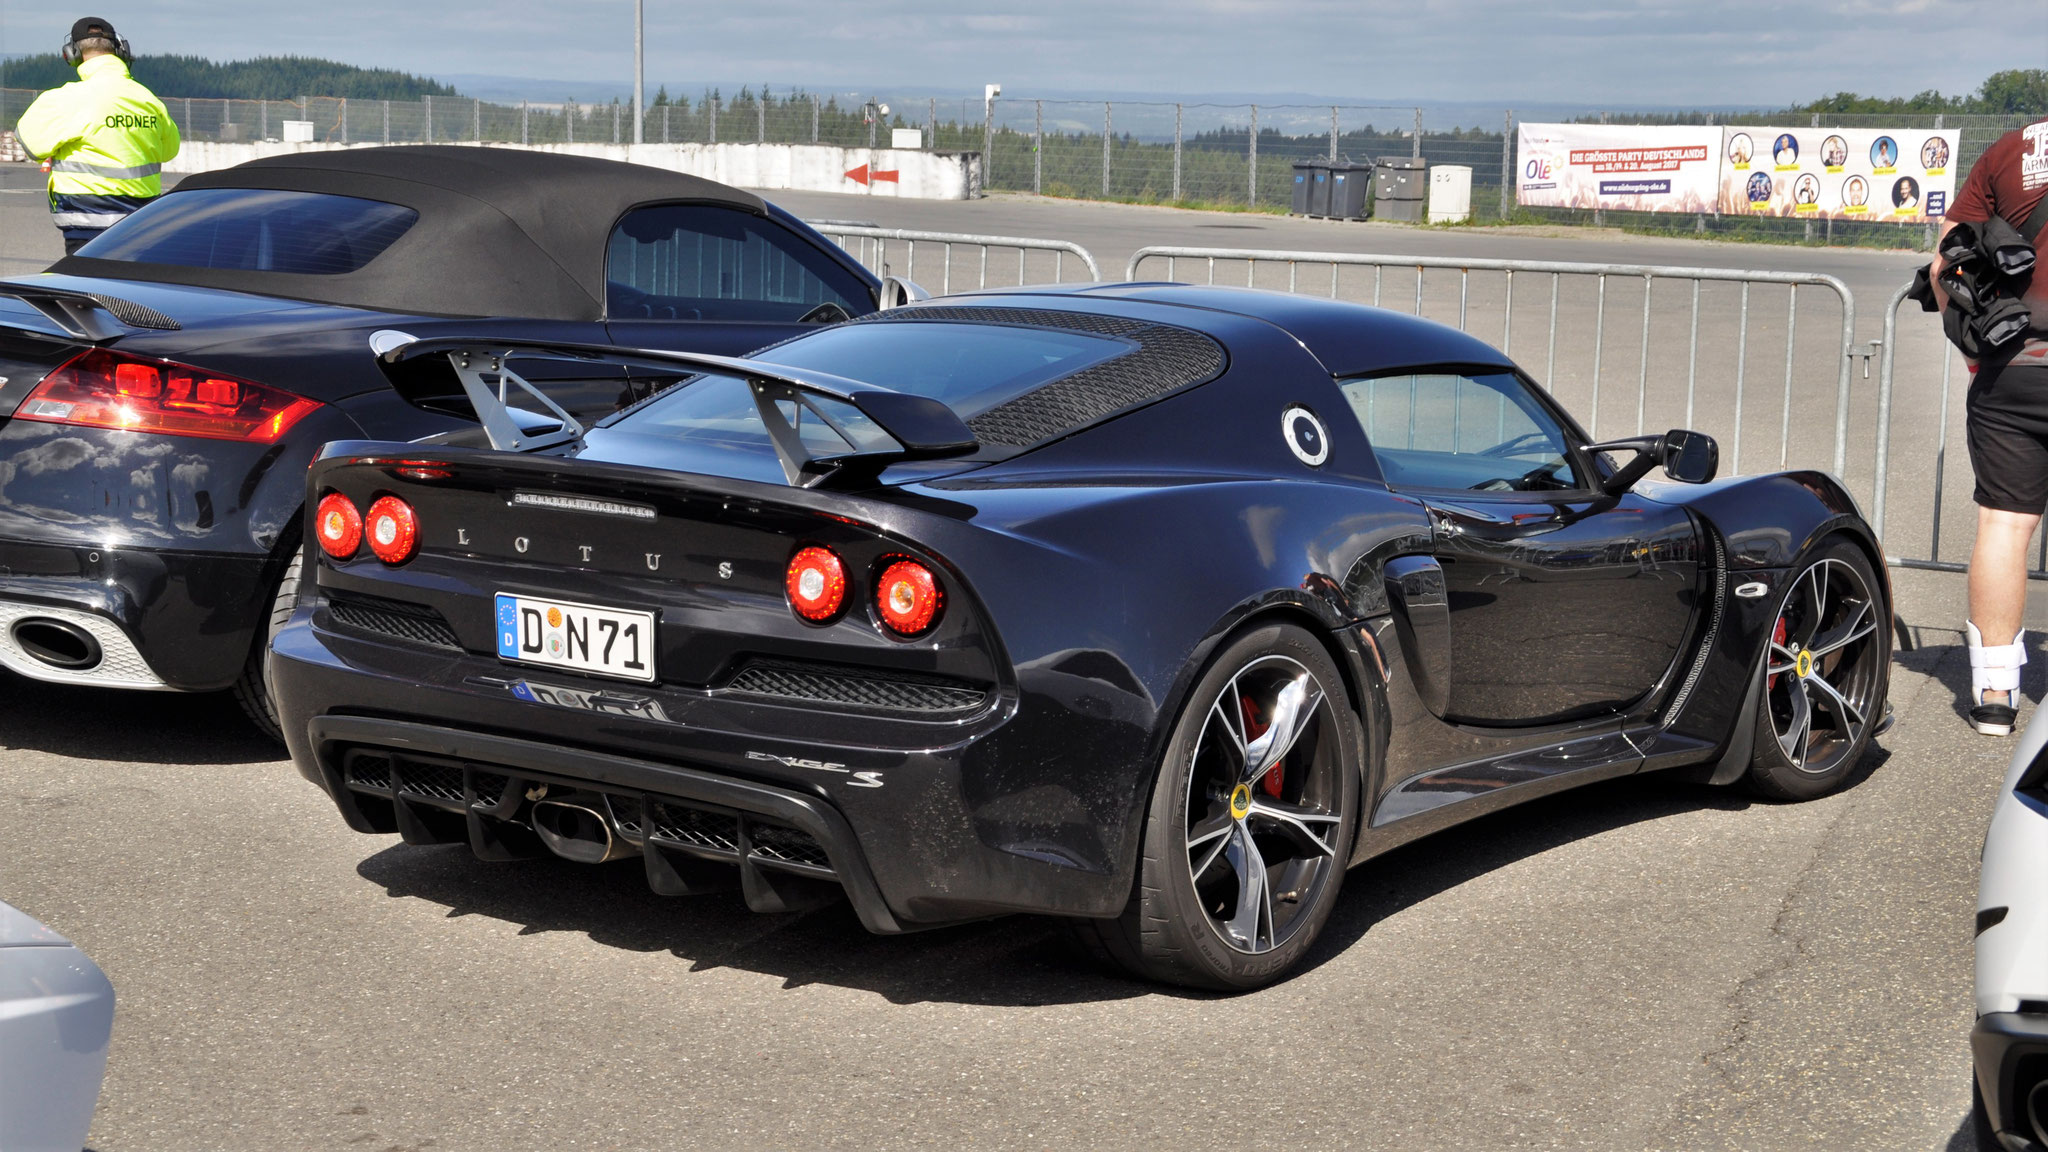 Lotus Exige 350 - D-N-71